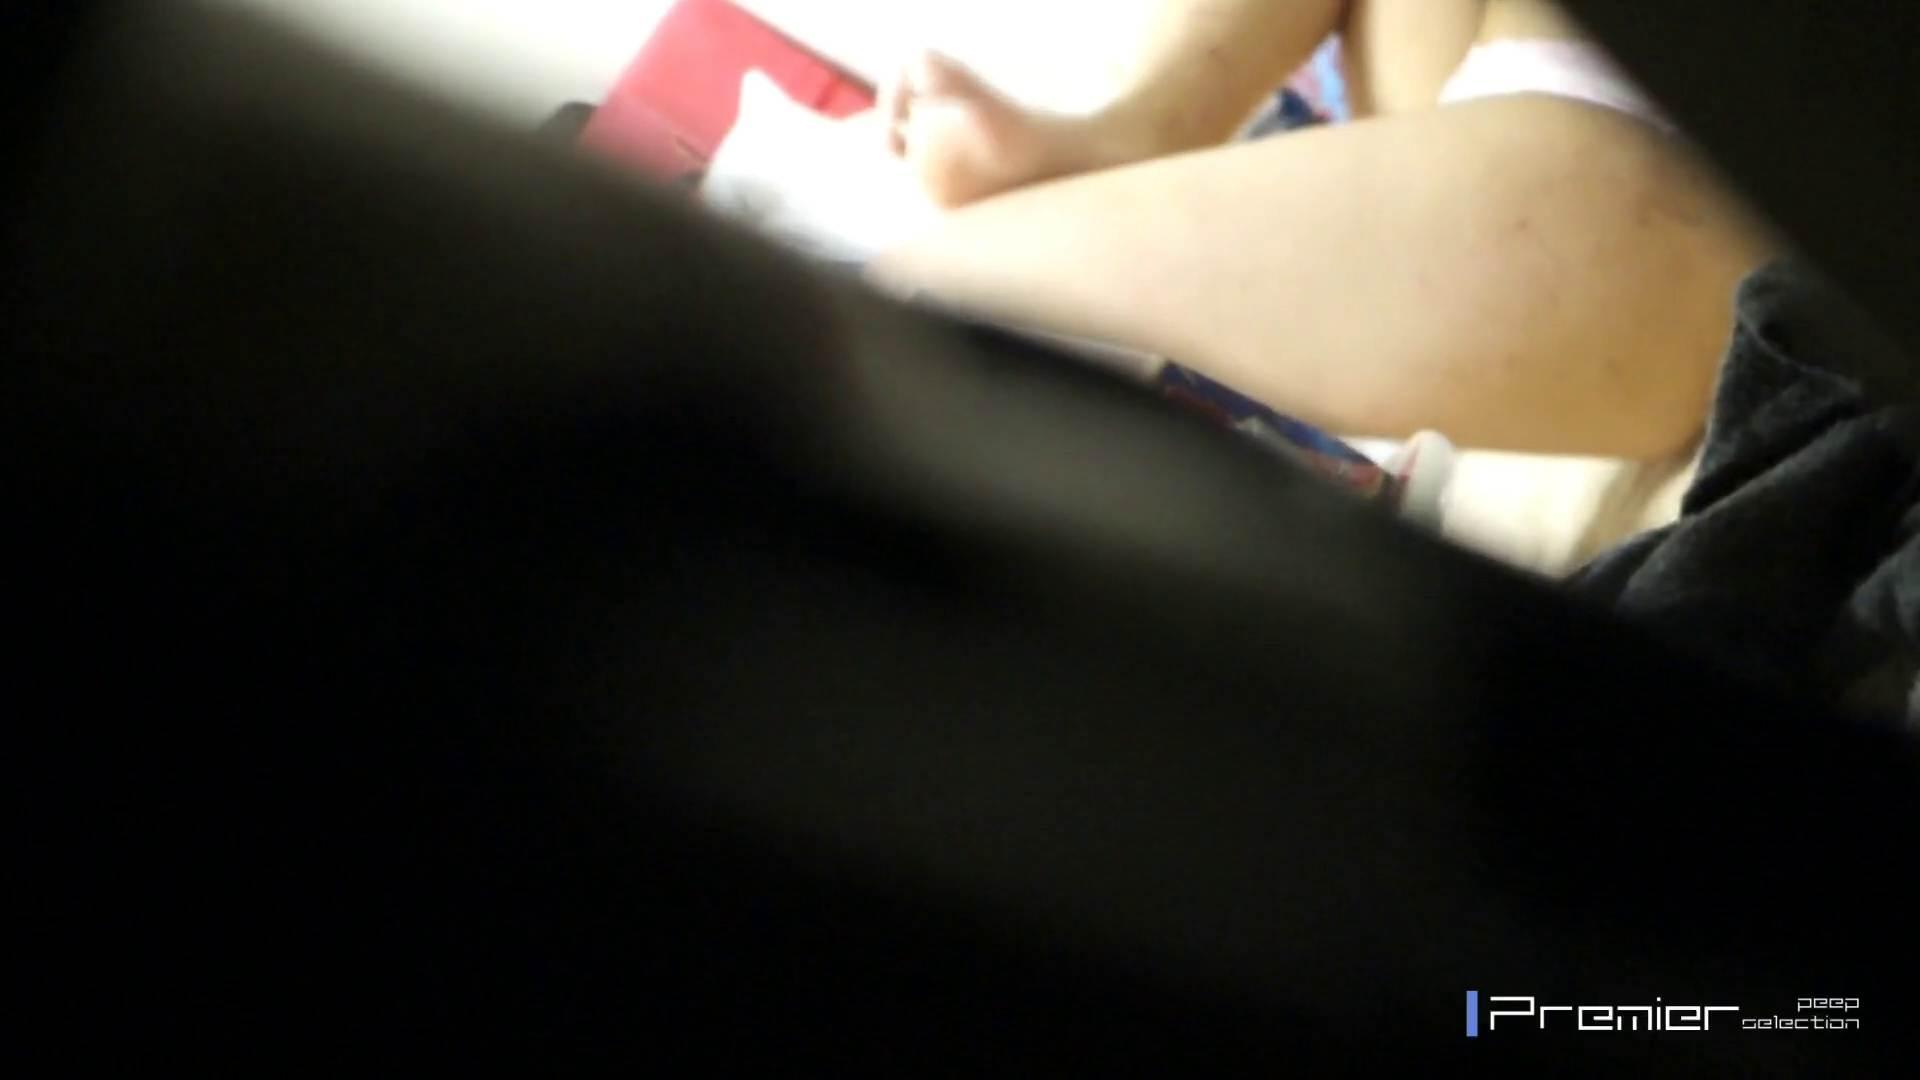 マニア必見!ポチャ達のカーニバル美女達の私生活に潜入! 美女 濡れ場動画紹介 88画像 40